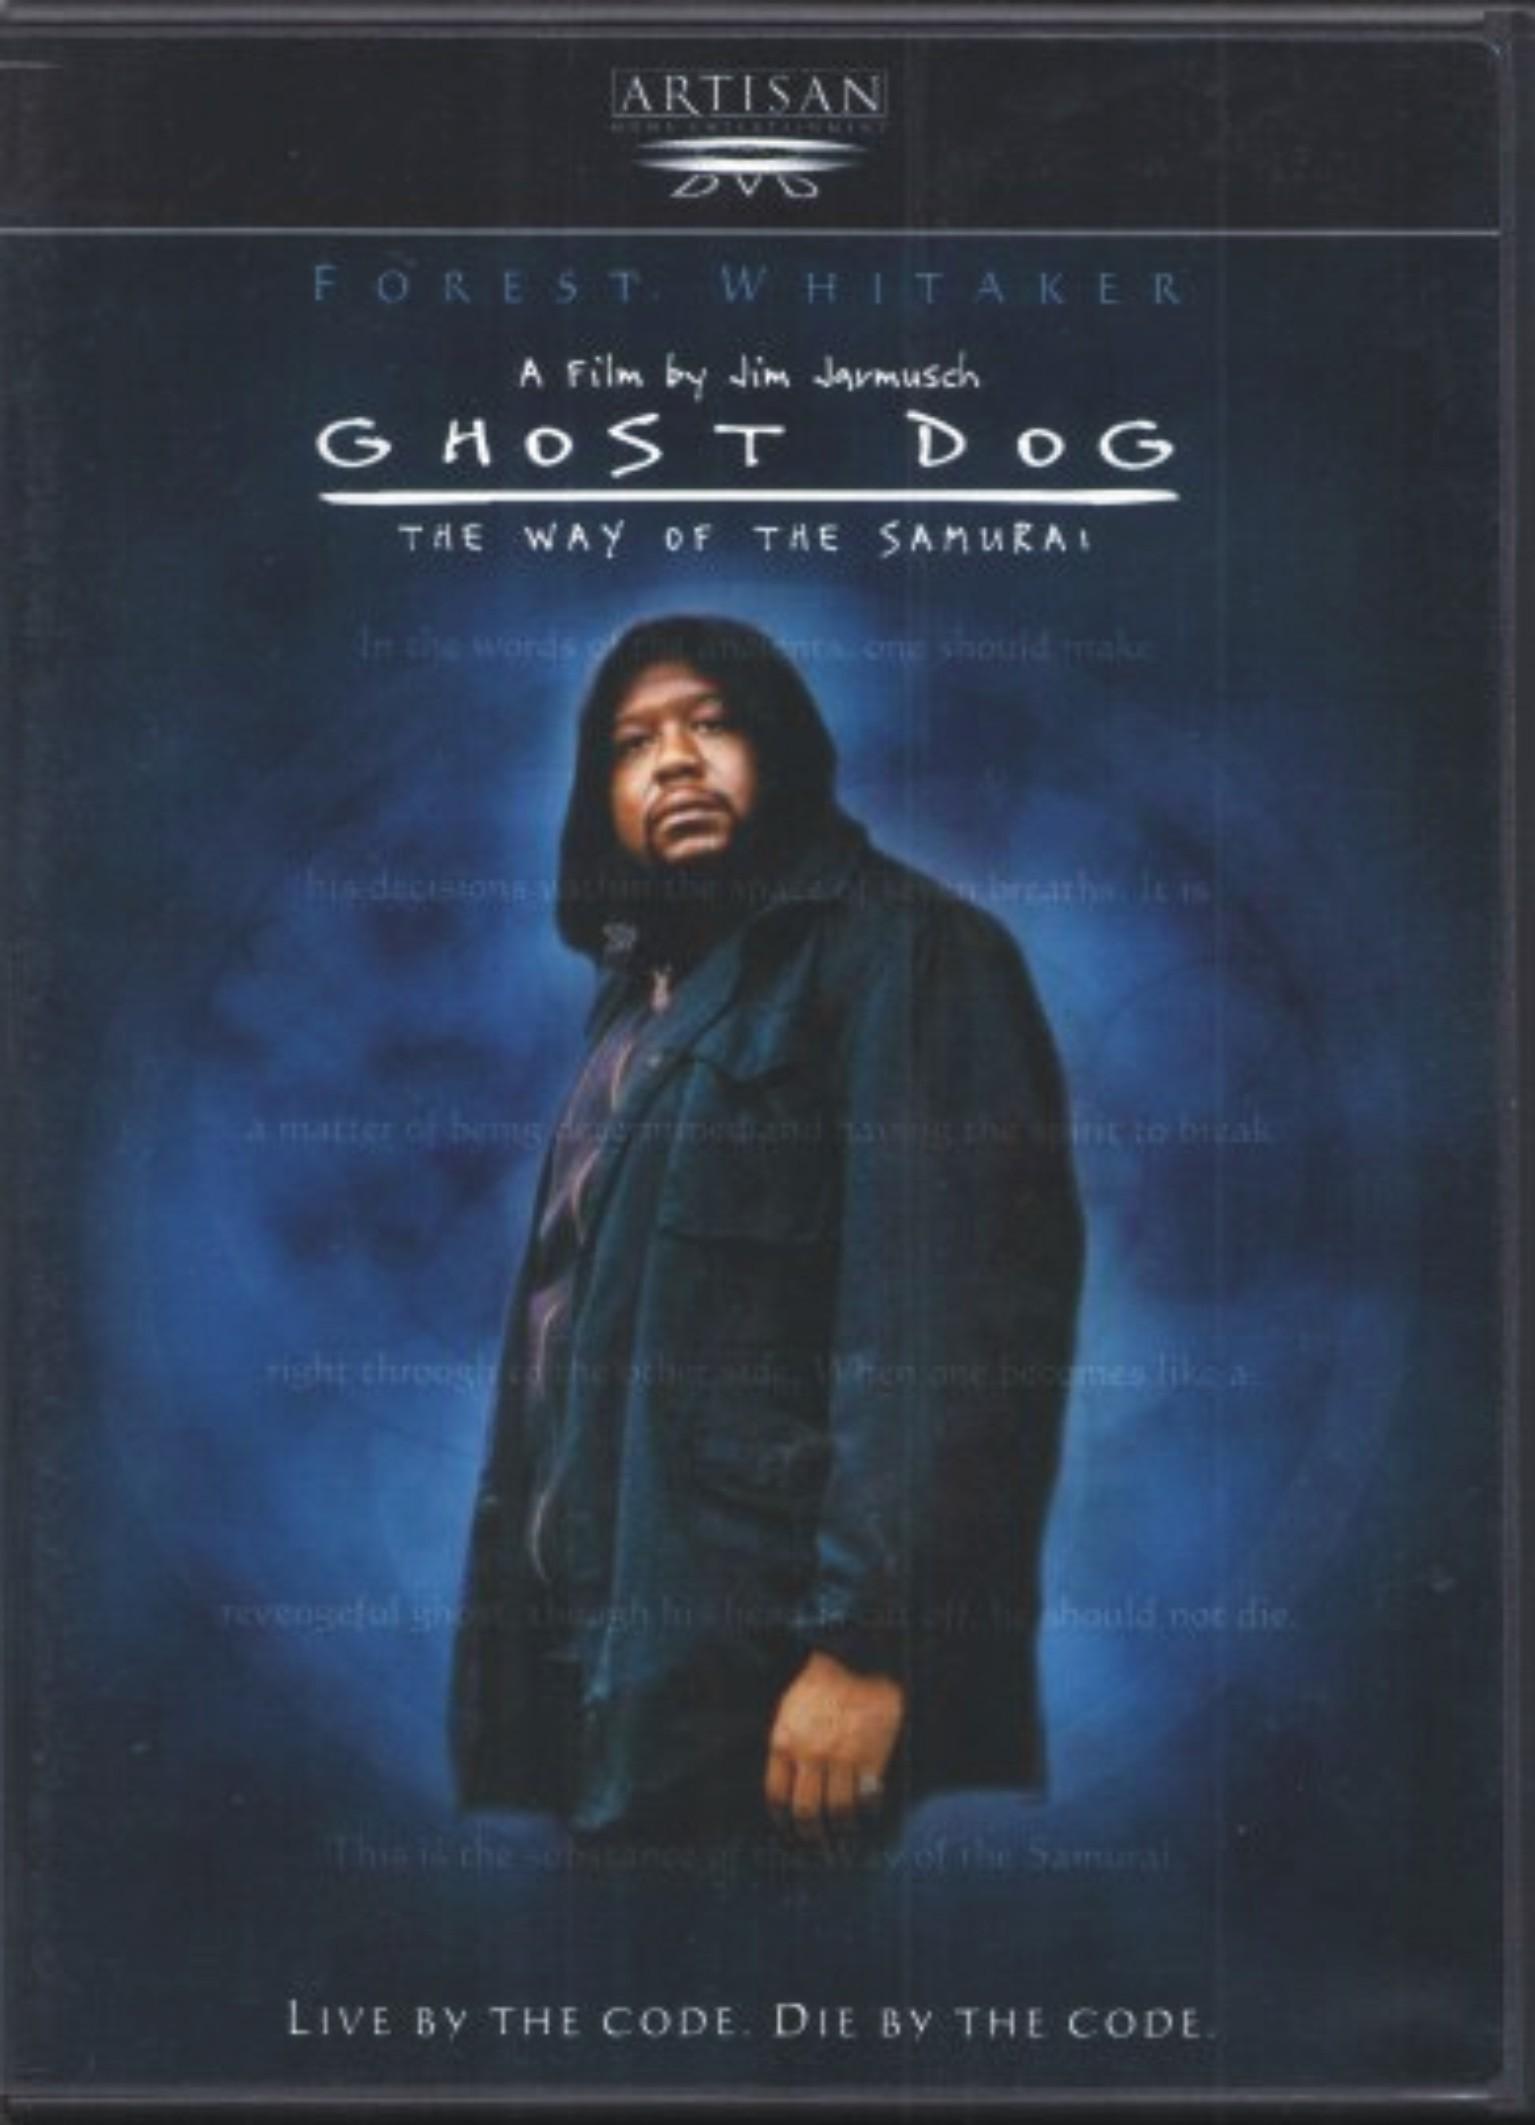 شبح سگ (جان تورمي و فورست ويتاكر)